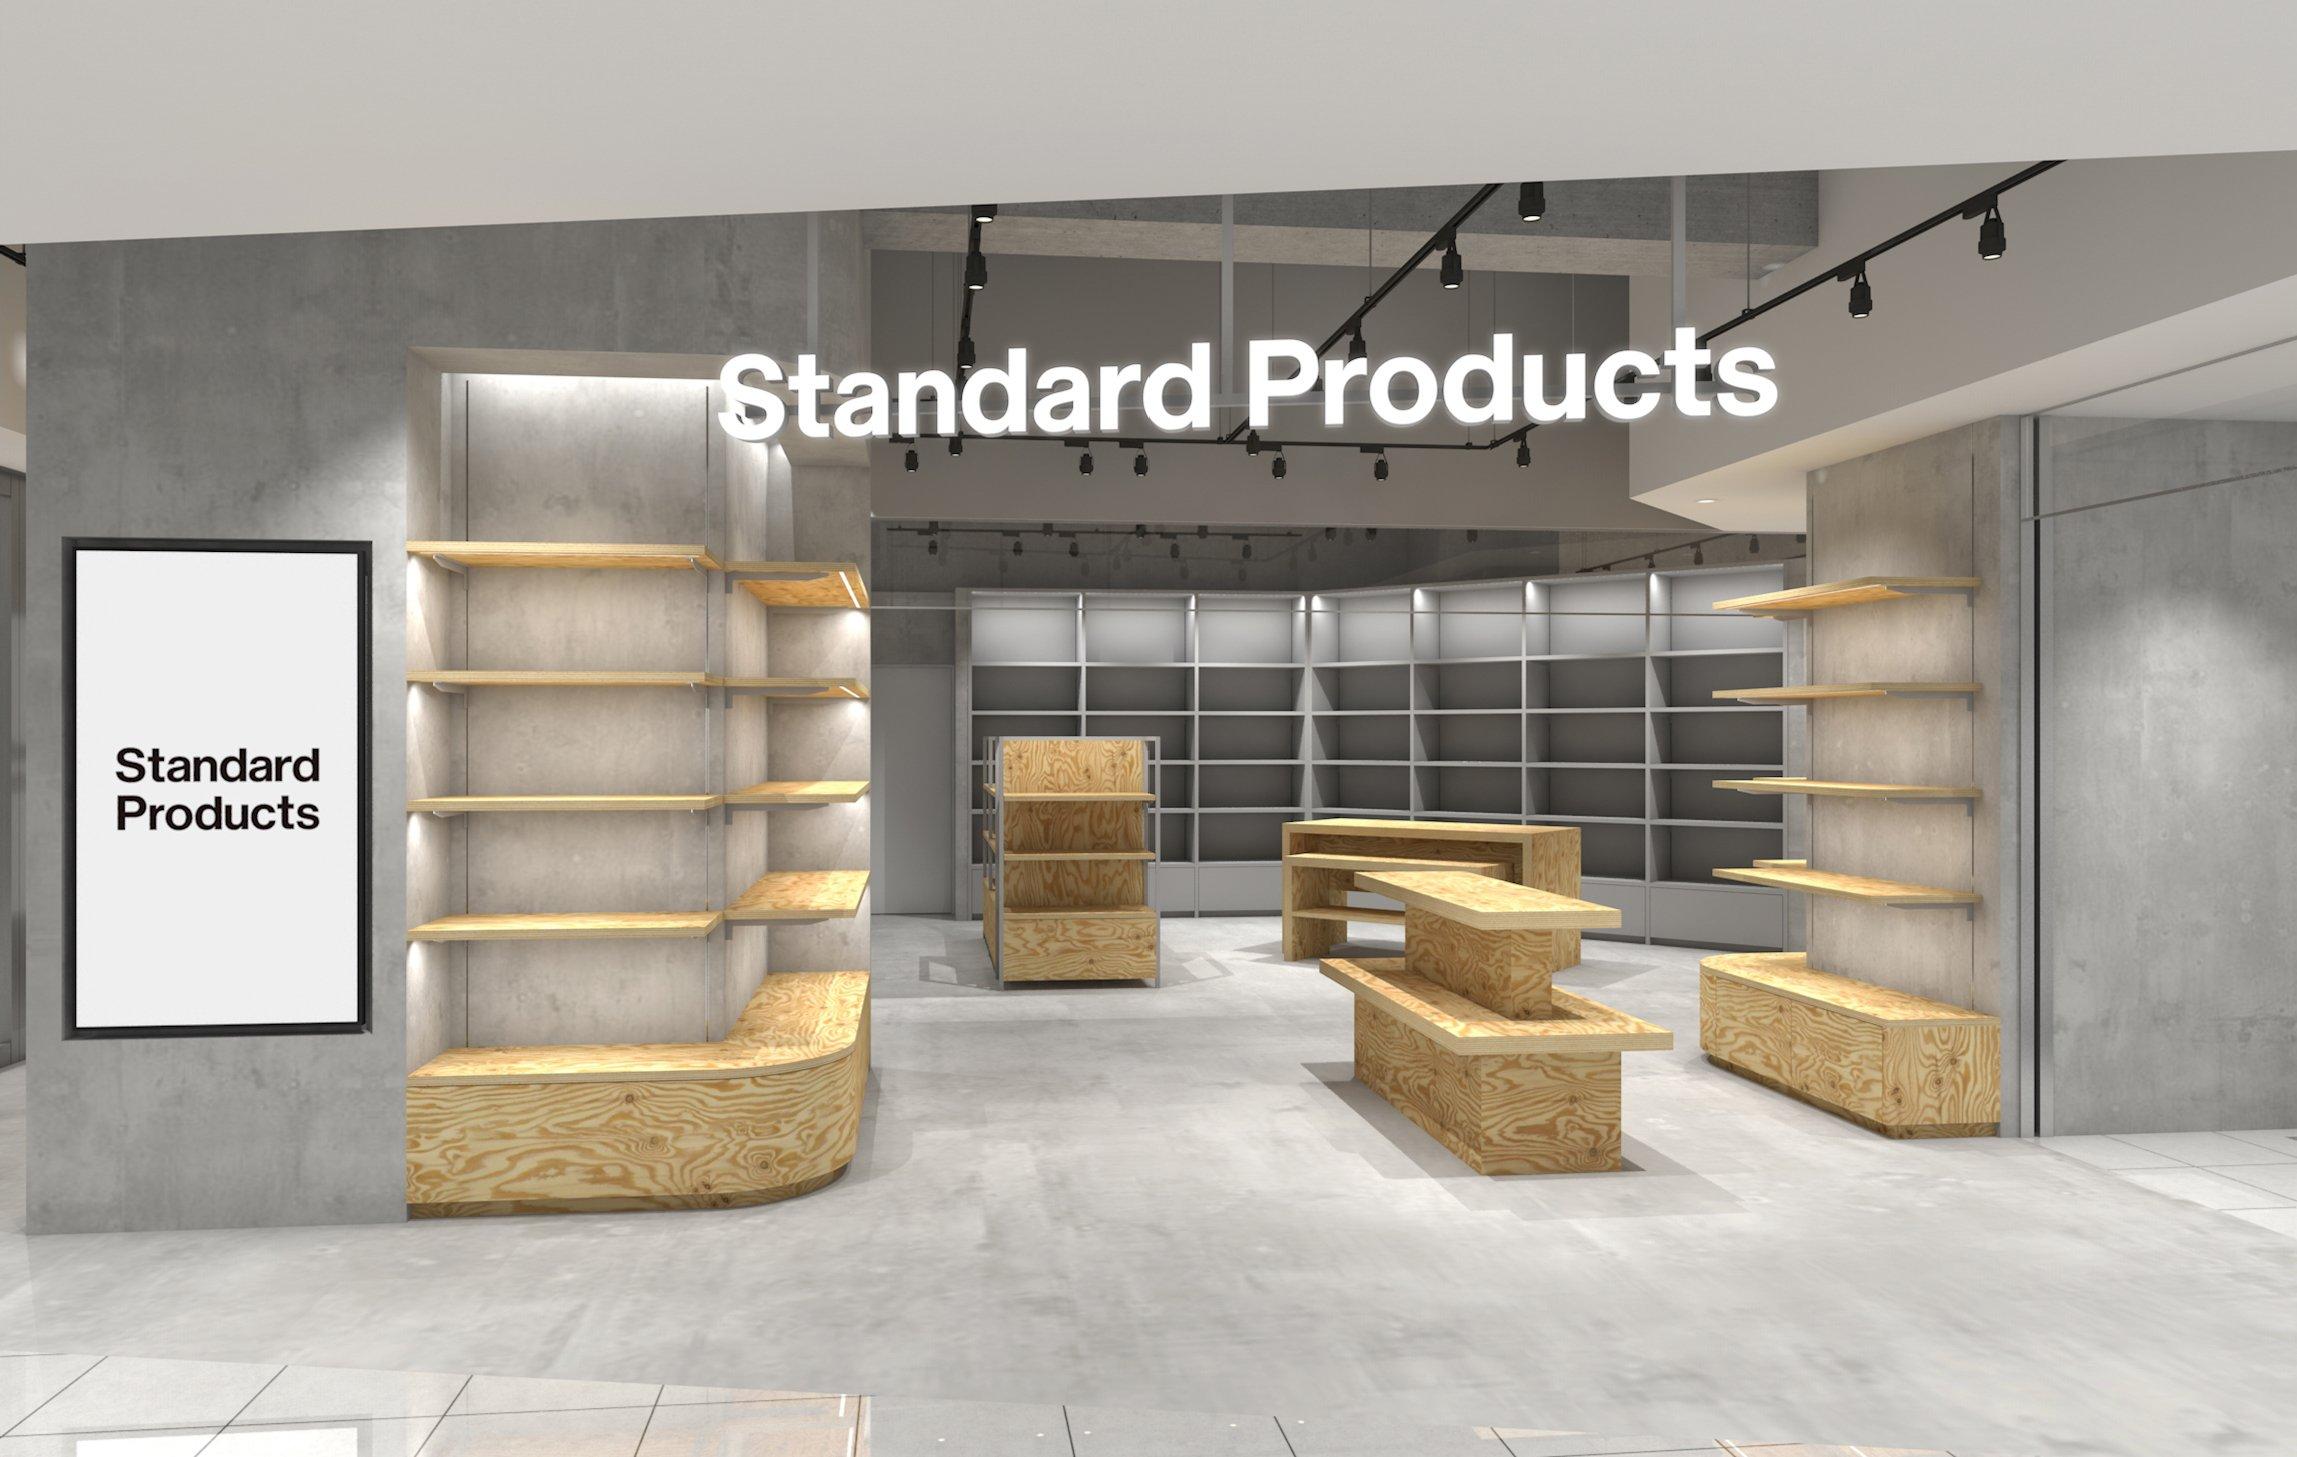 【ダイソー】新ブランド「Standard Products」気になる商品と値段